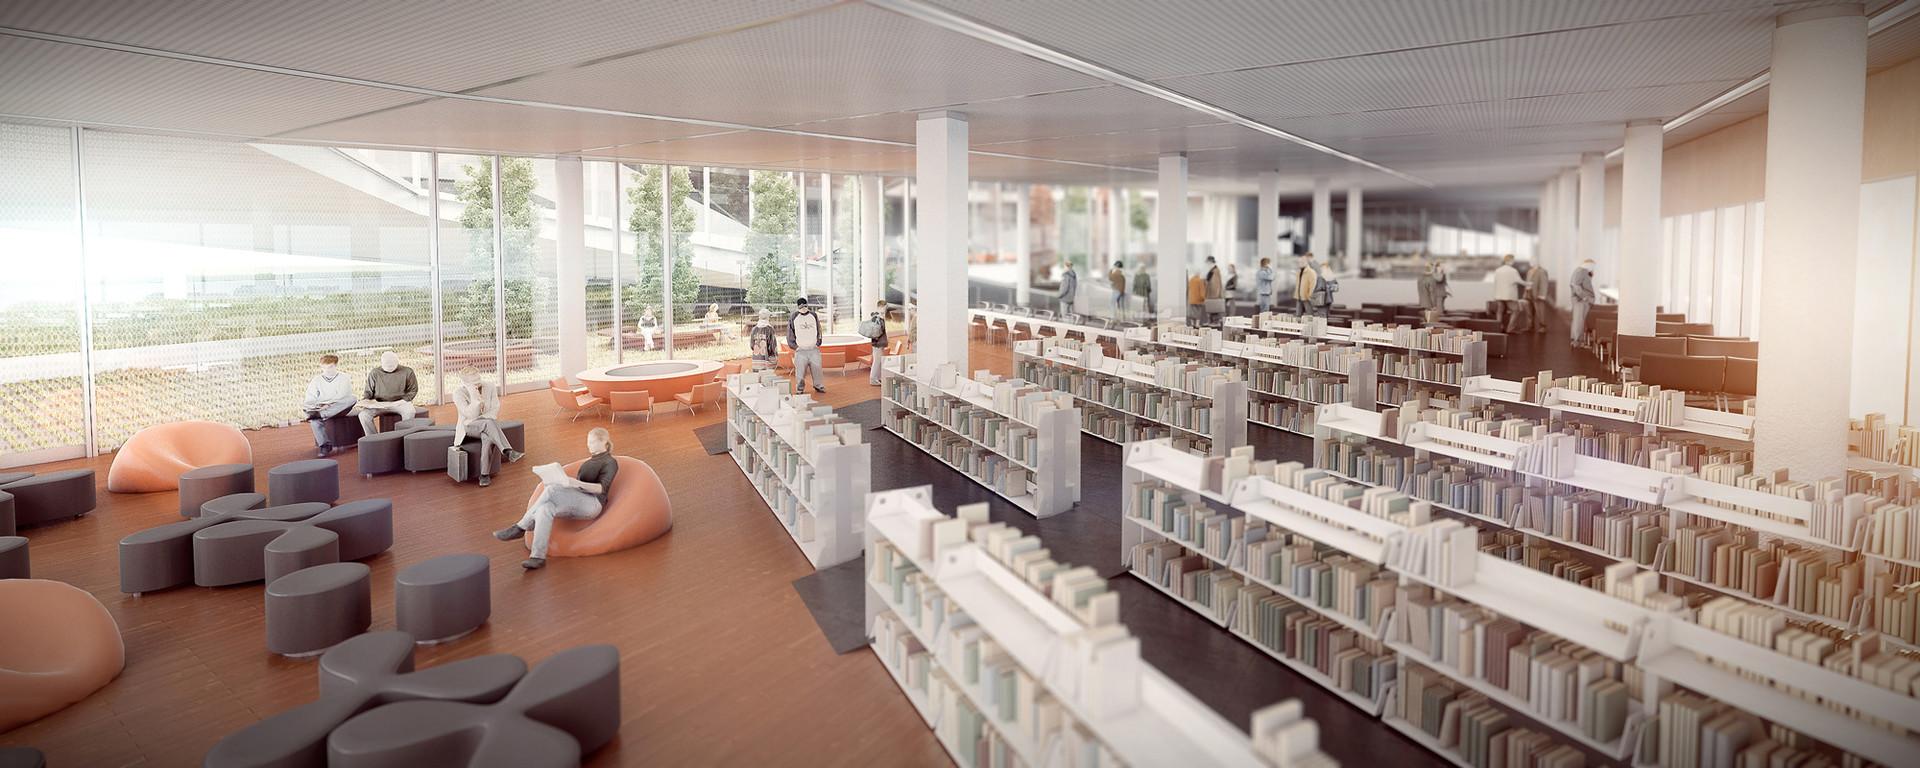 Bruno bolognesi biblioteca by bman2006 d2znhe5